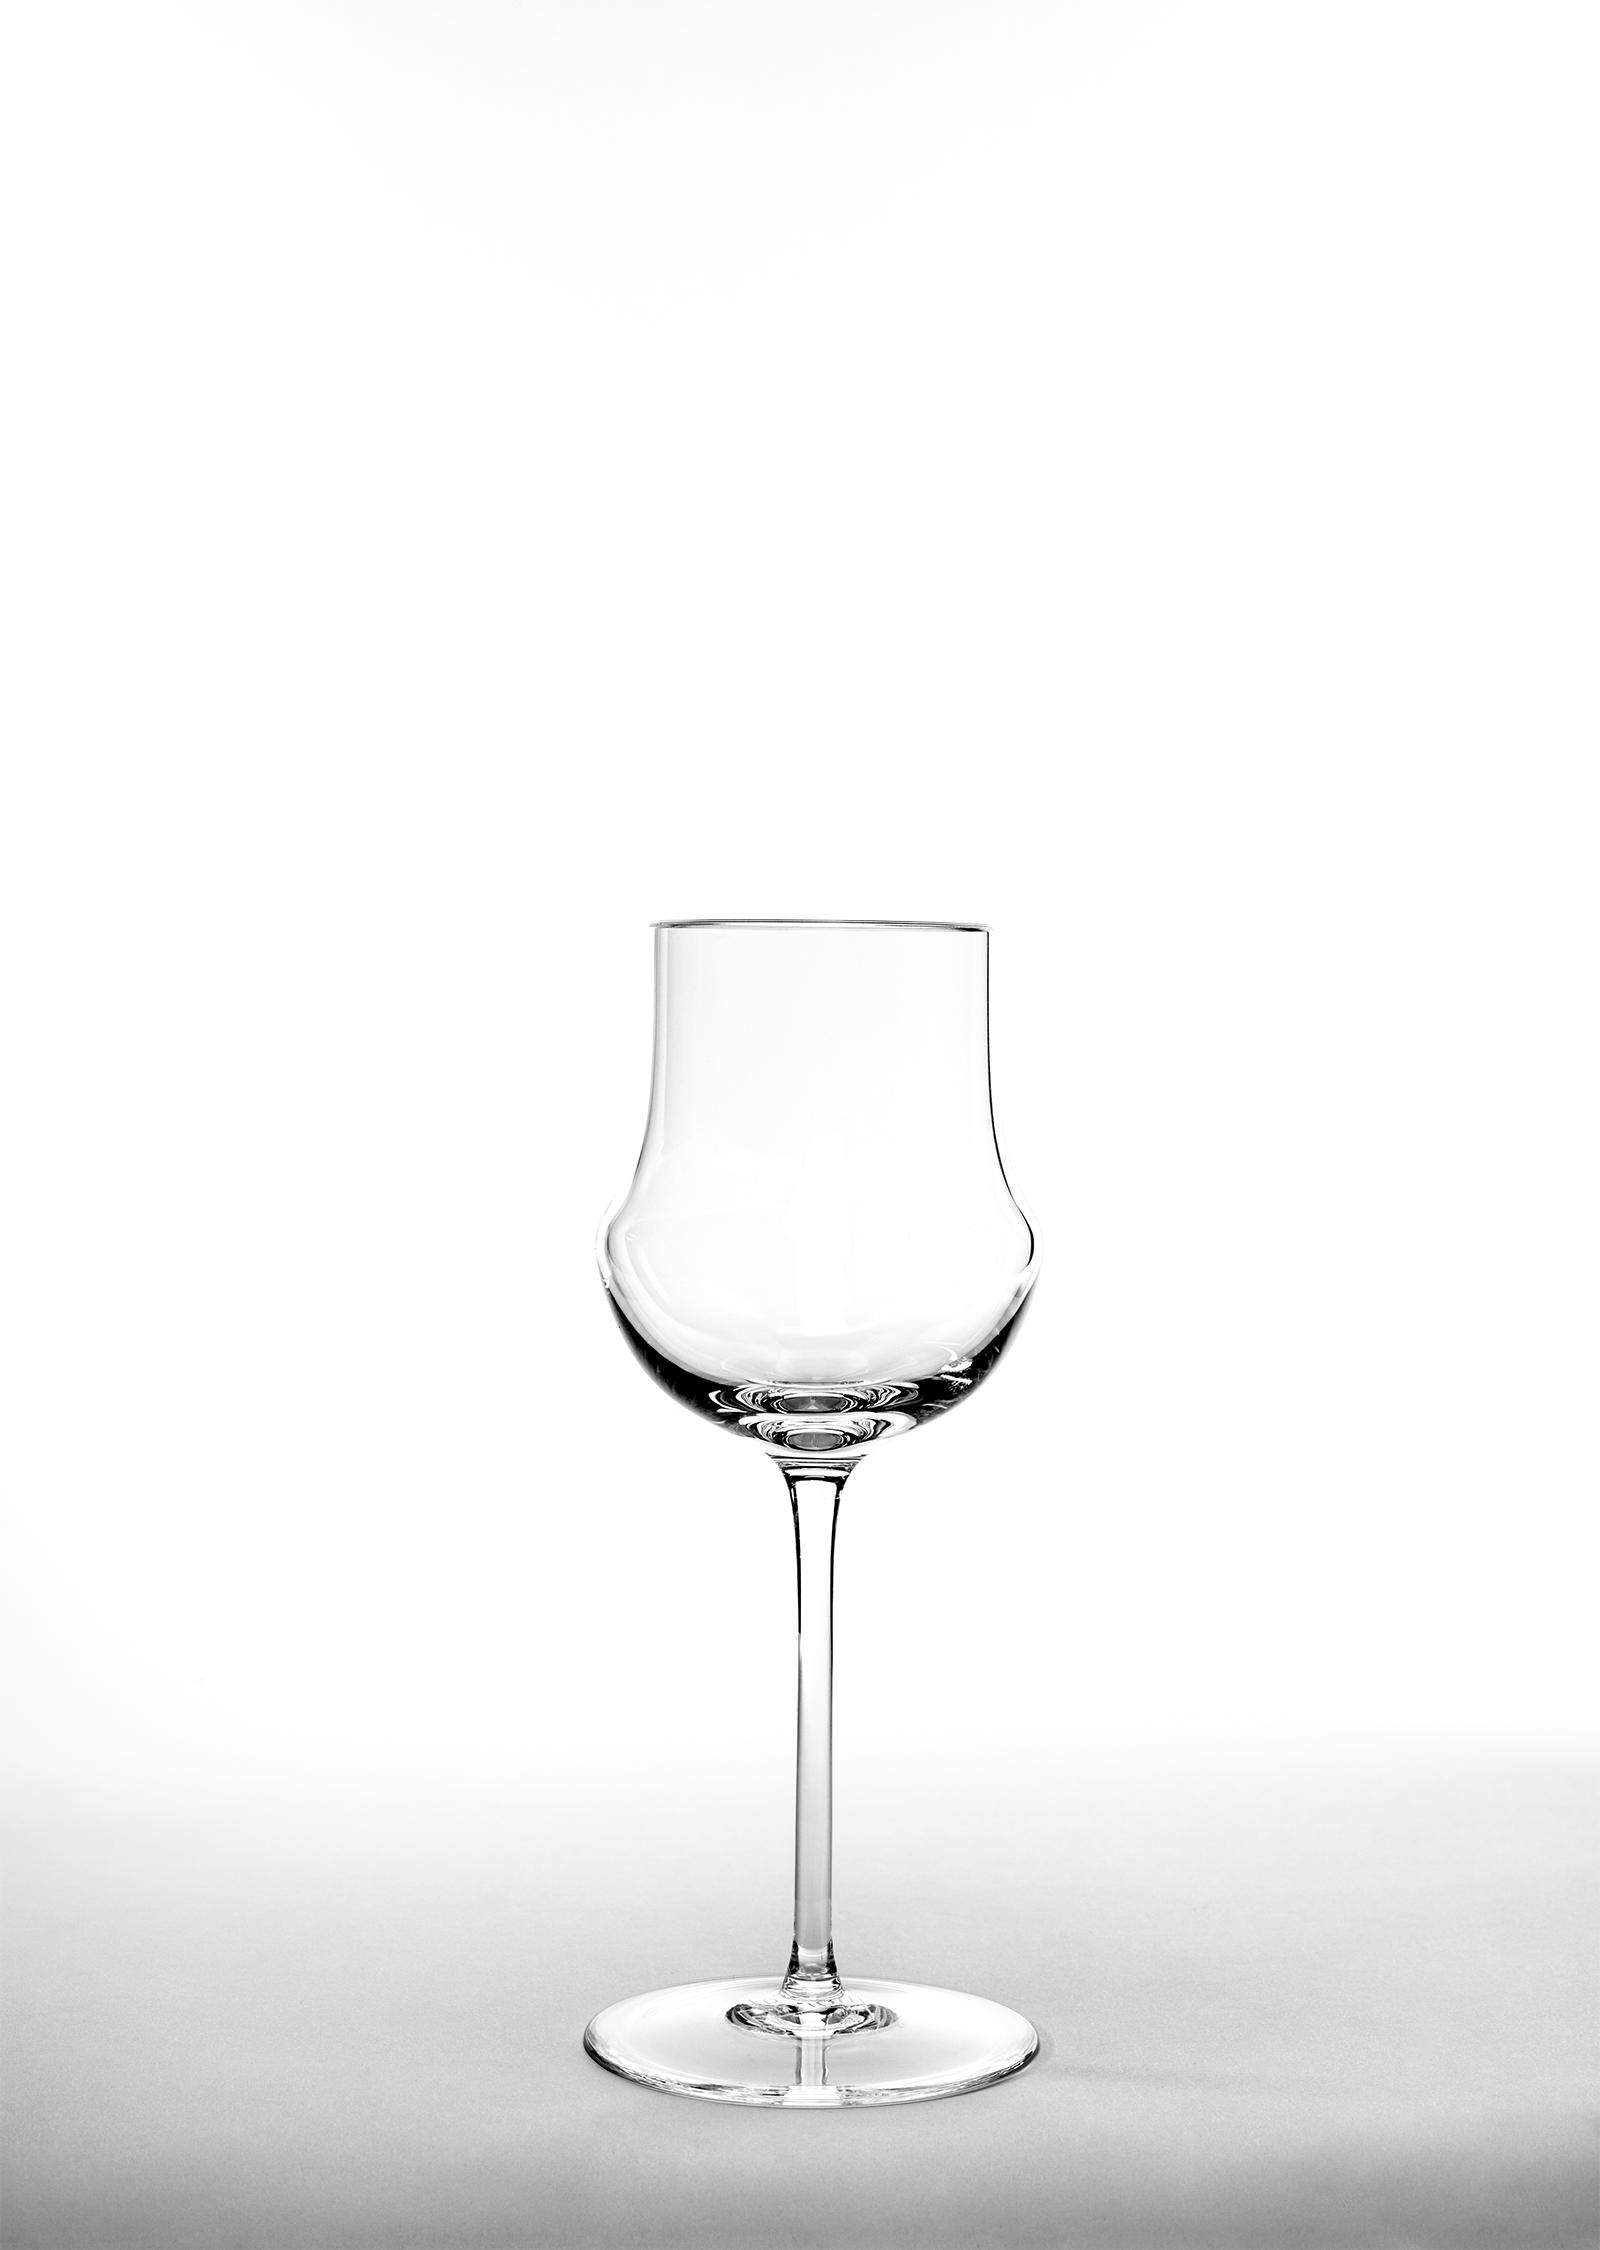 elististe verre vin blanc par extranorm. Black Bedroom Furniture Sets. Home Design Ideas